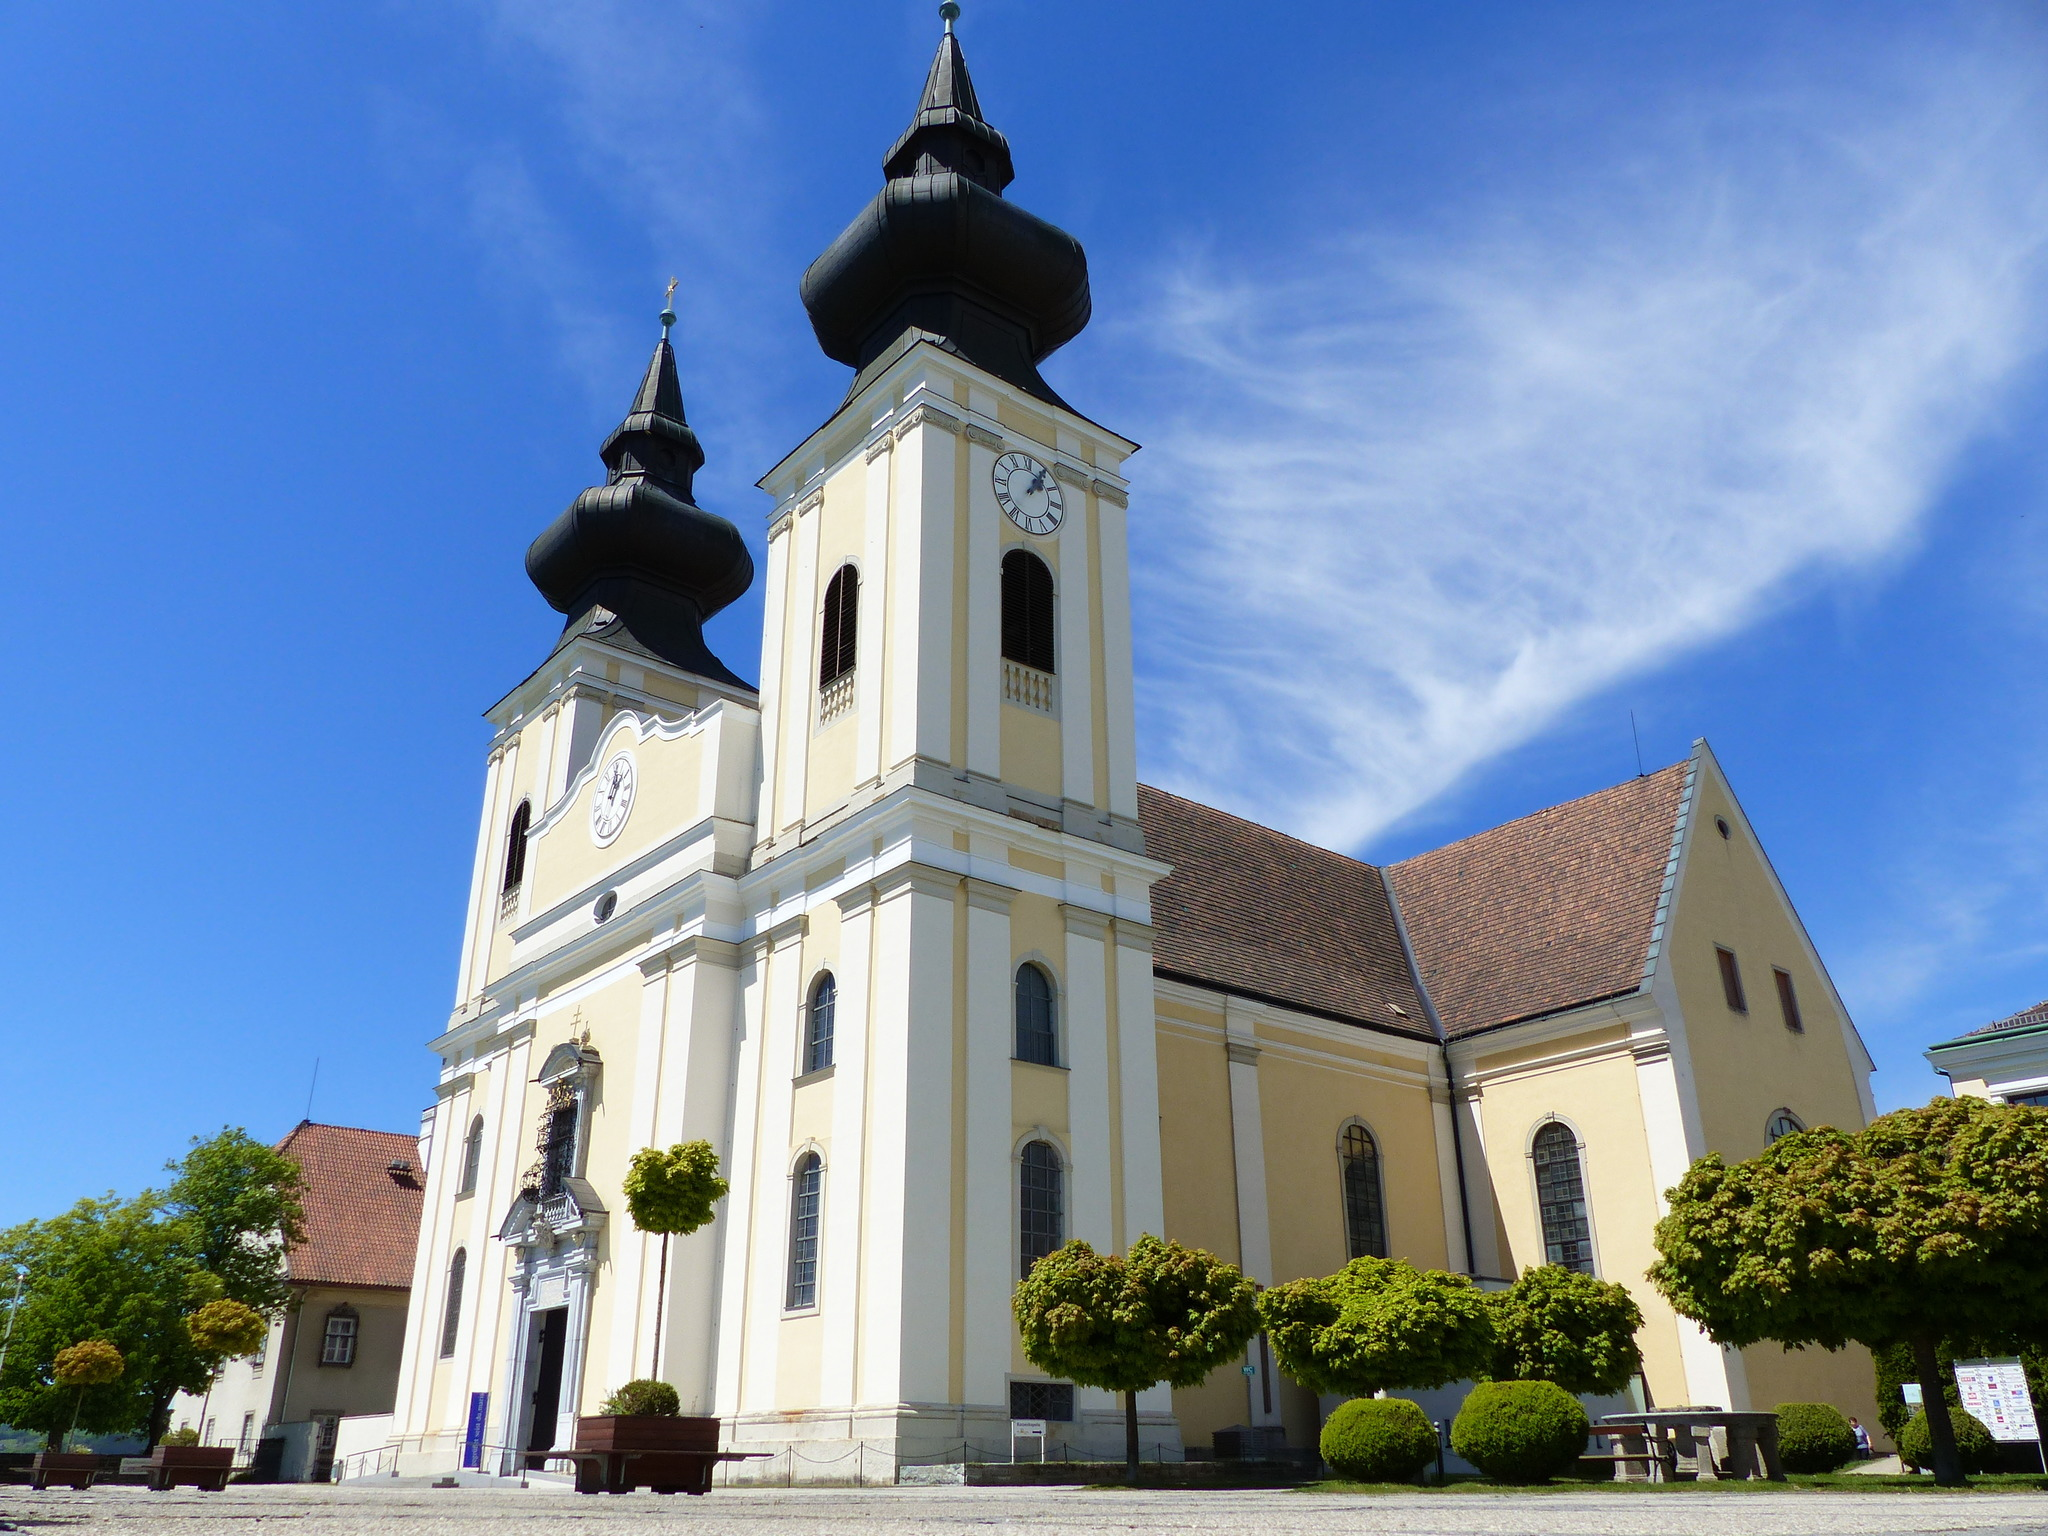 Wallfahrtskirche Maria Taferl - Melk